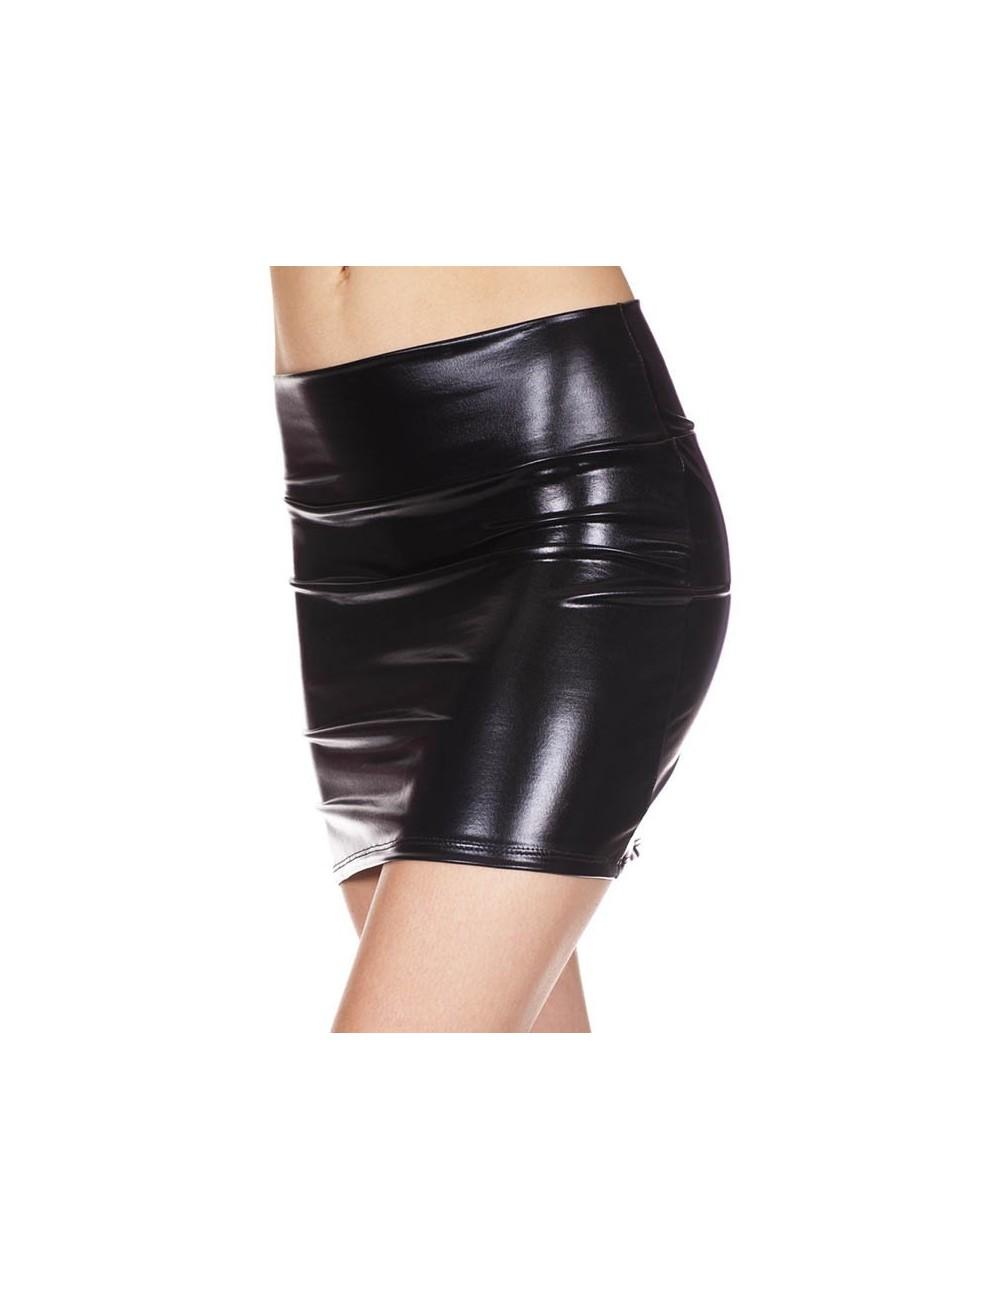 Lingerie - Robes et jupes sexy - Jupe droite, effet métallique - ML142BLK - Music Legs